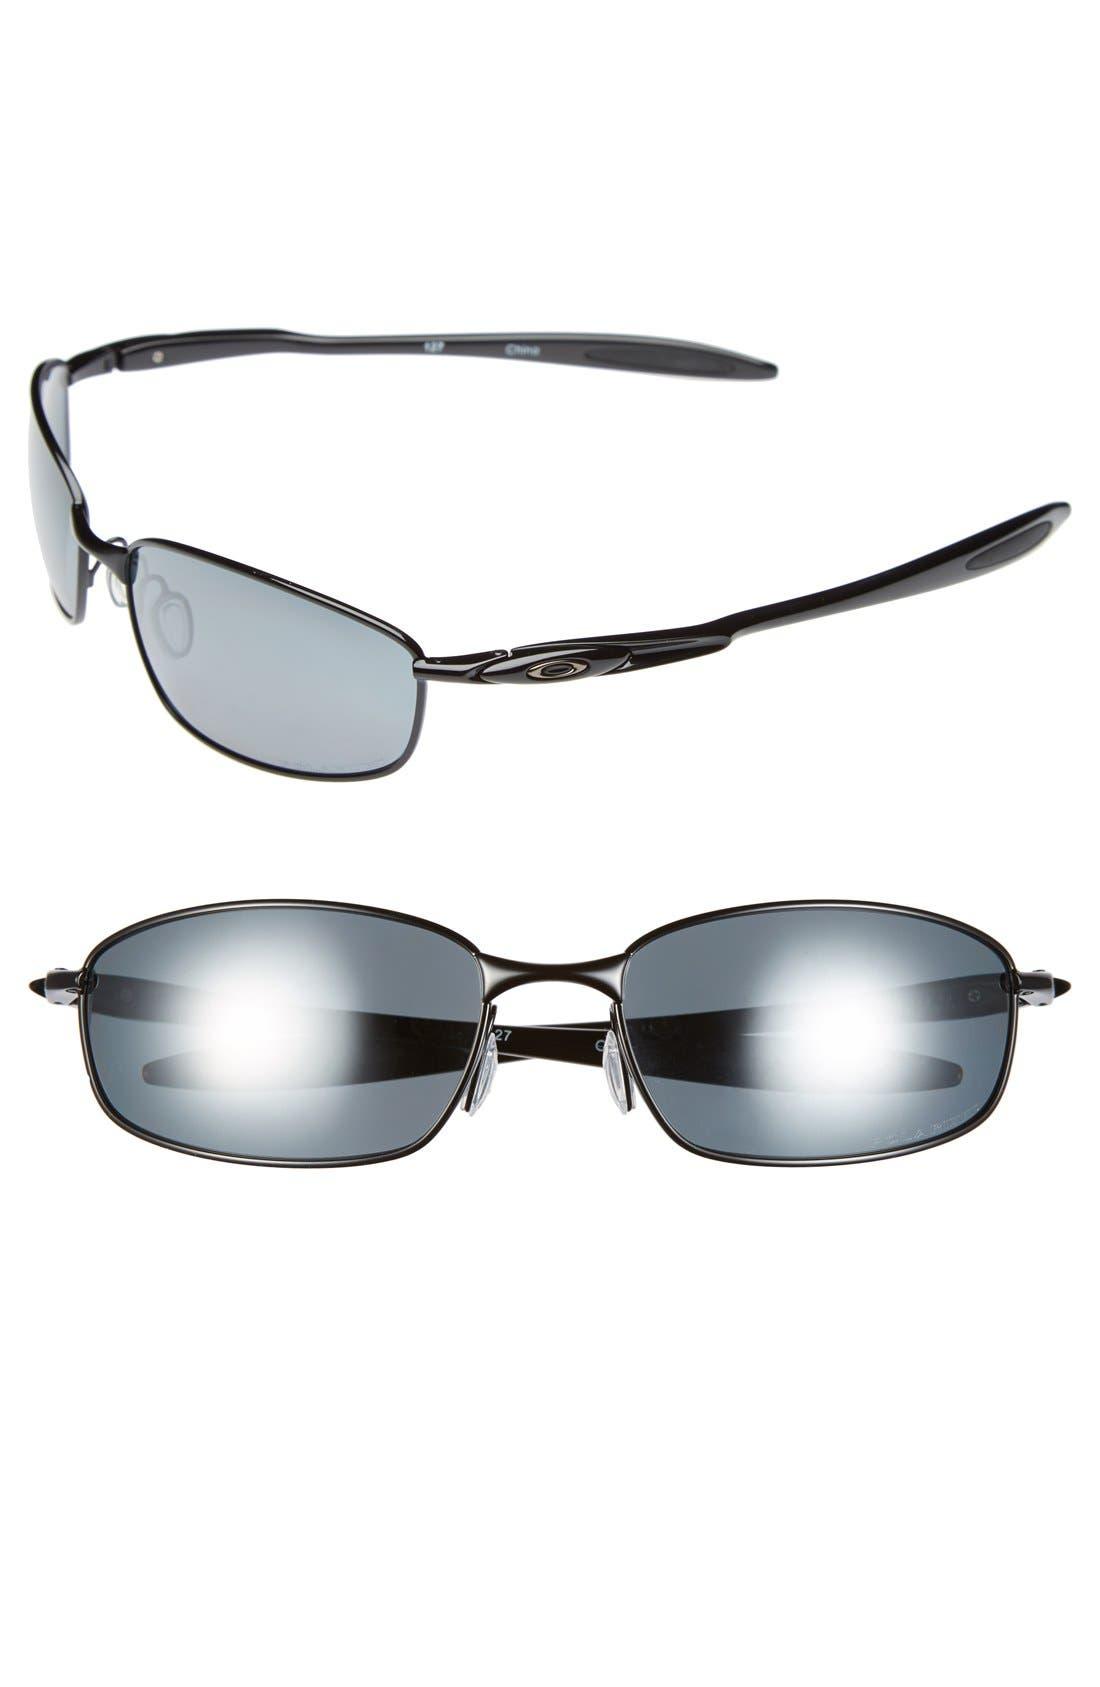 Main Image - Oakley 'Blender' 59mm Polarized Sunglasses